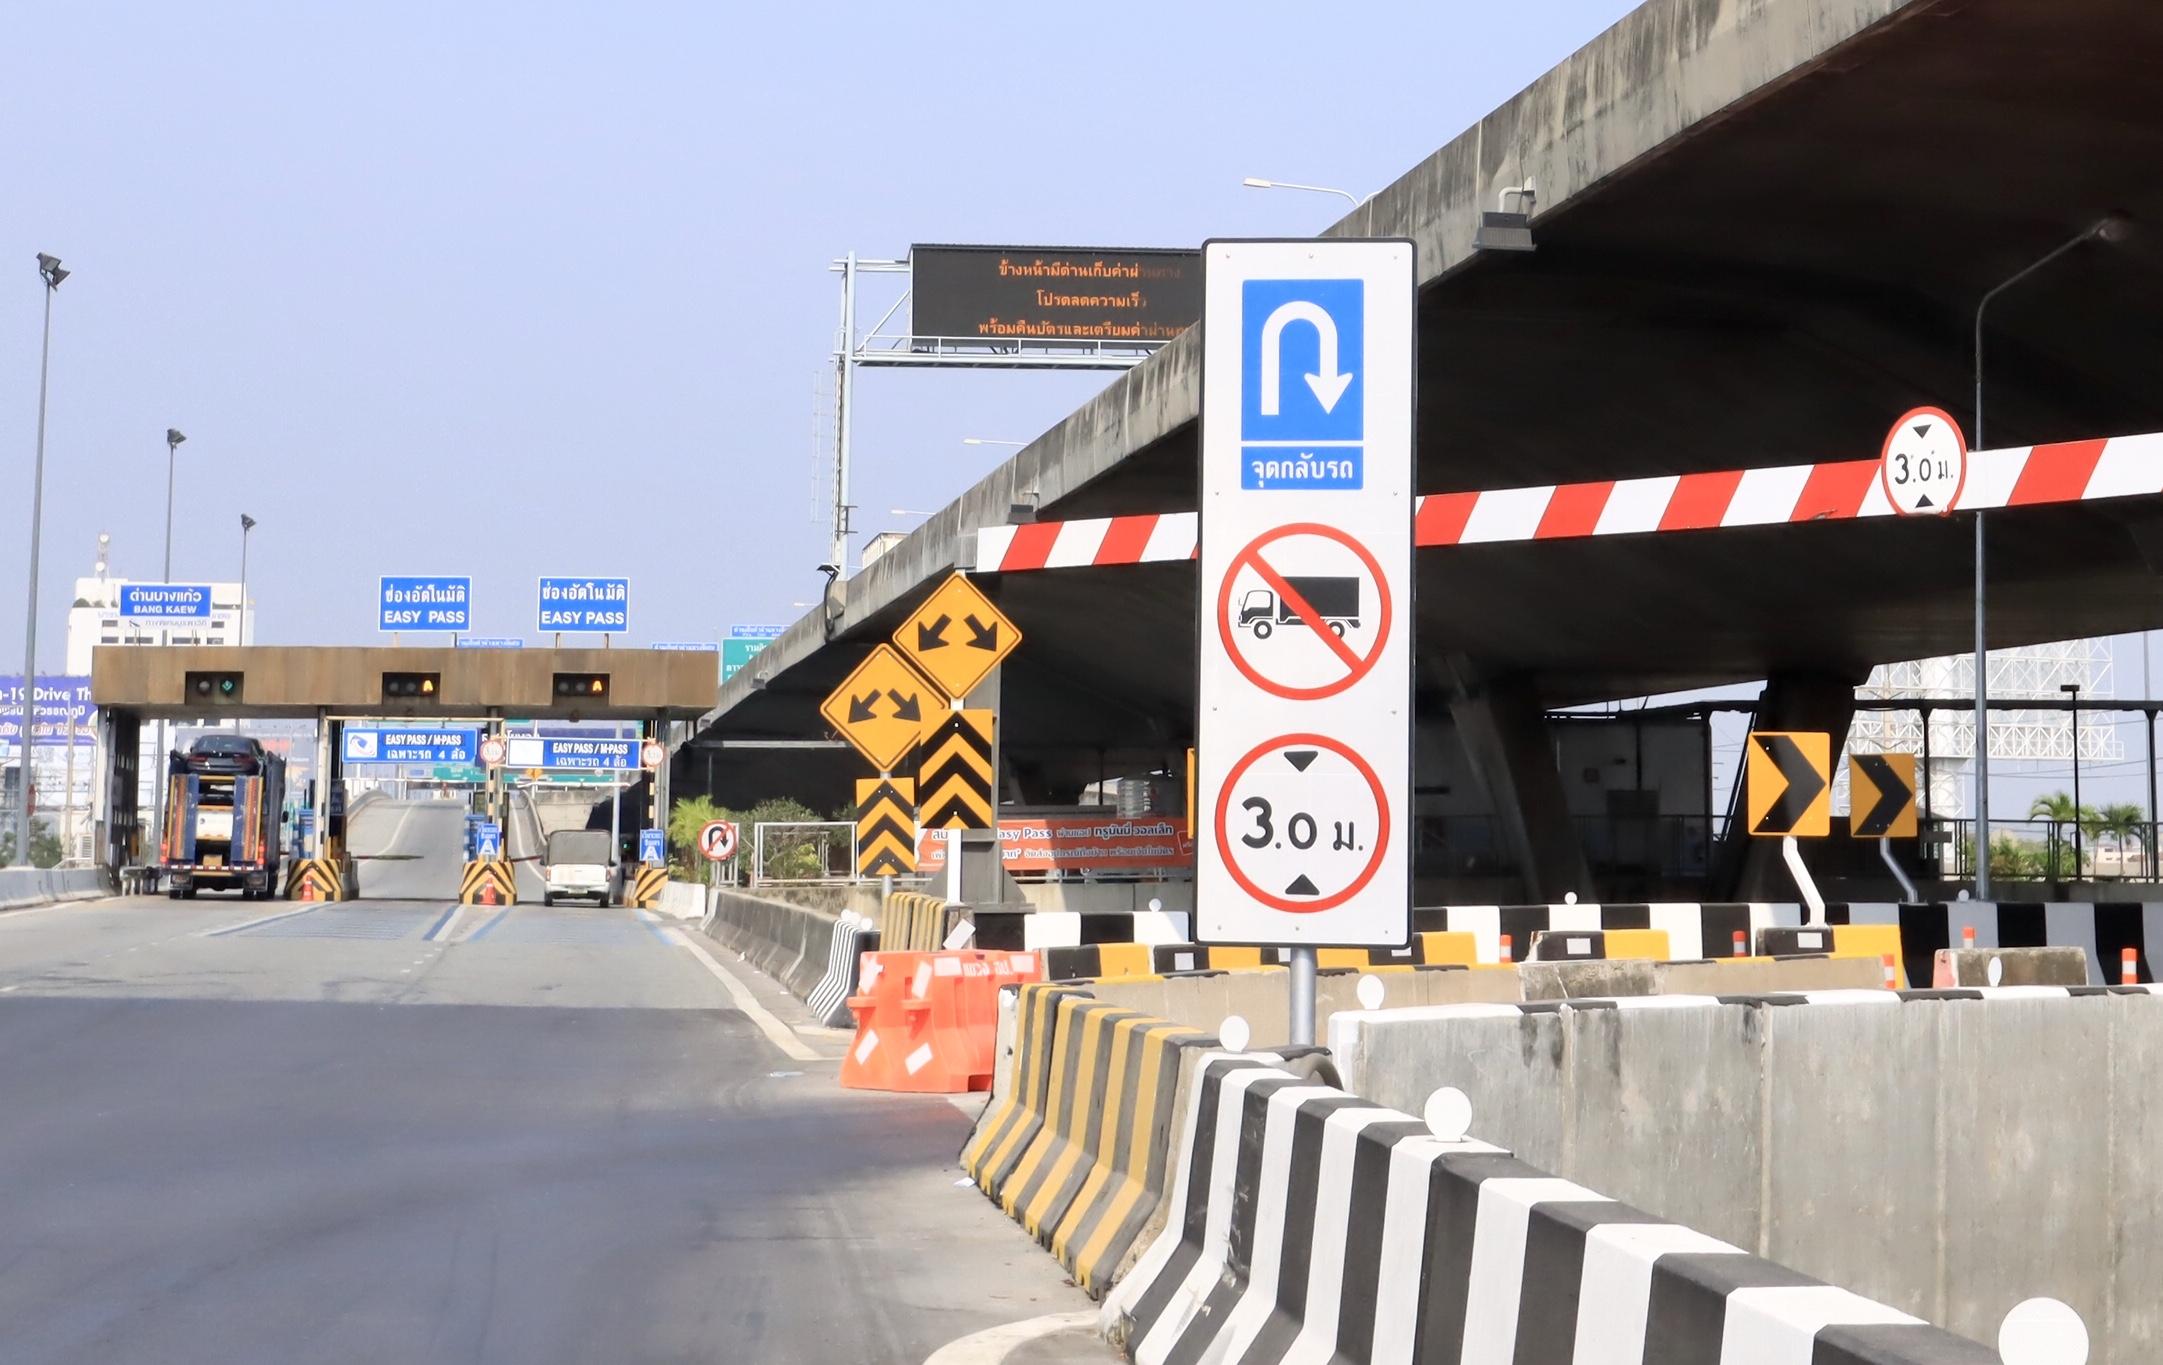 สมุทรปราการ – กรมทางหลวง – เมกาบางนา เปิดสะพานกลับรถ กม. 7 สร้างการจราจรคล่องตัว เพิ่มคุณภาพชีวิตให้คนกรุงเทพฯ ฝั่งตะวันออก